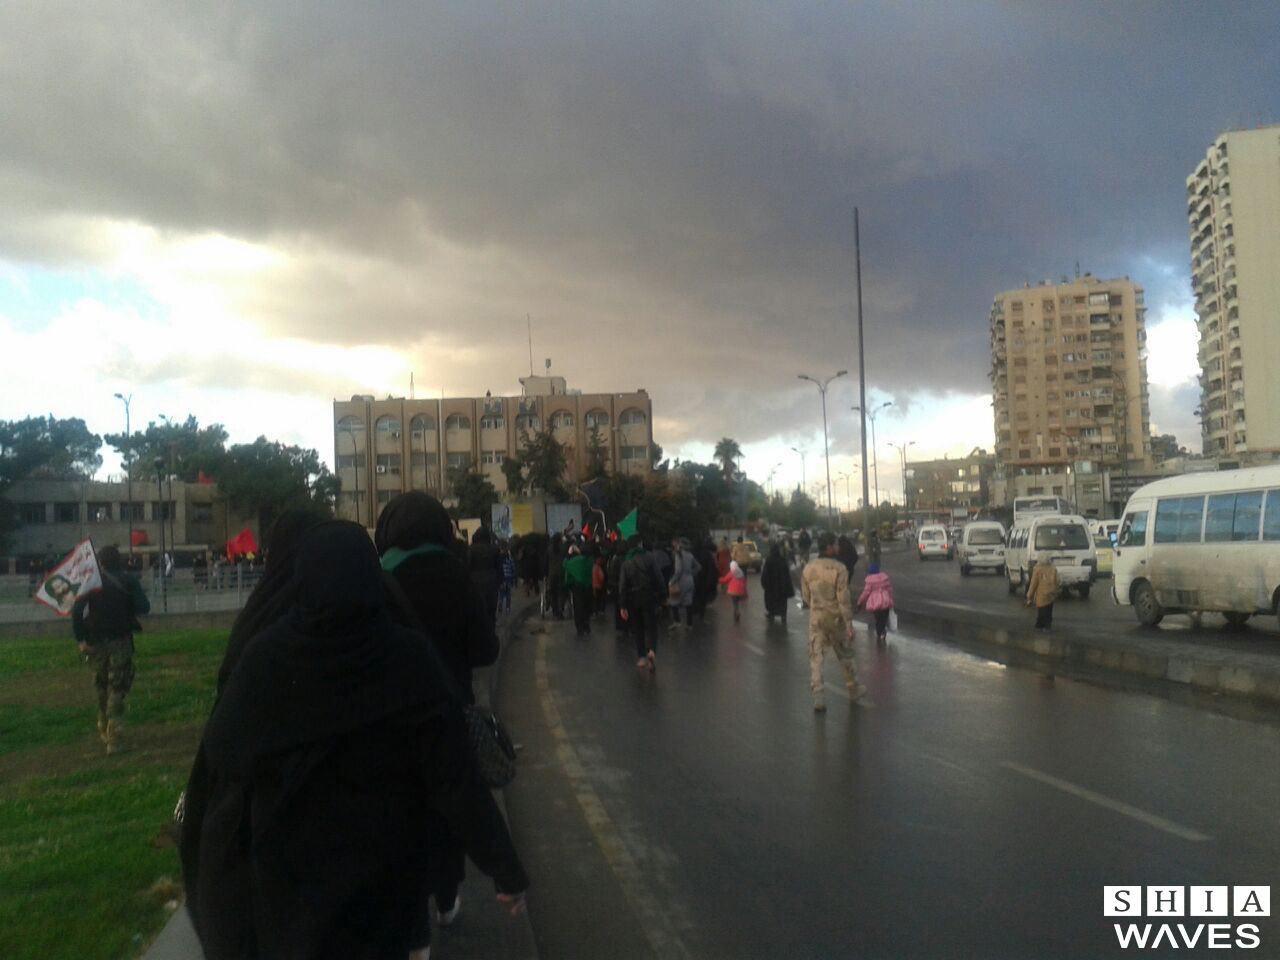 صورة تقرير مصور: موكب الحوزة الزينيبية التابعة للمرجعية الشيرازية في العاصمة السورية دمشق